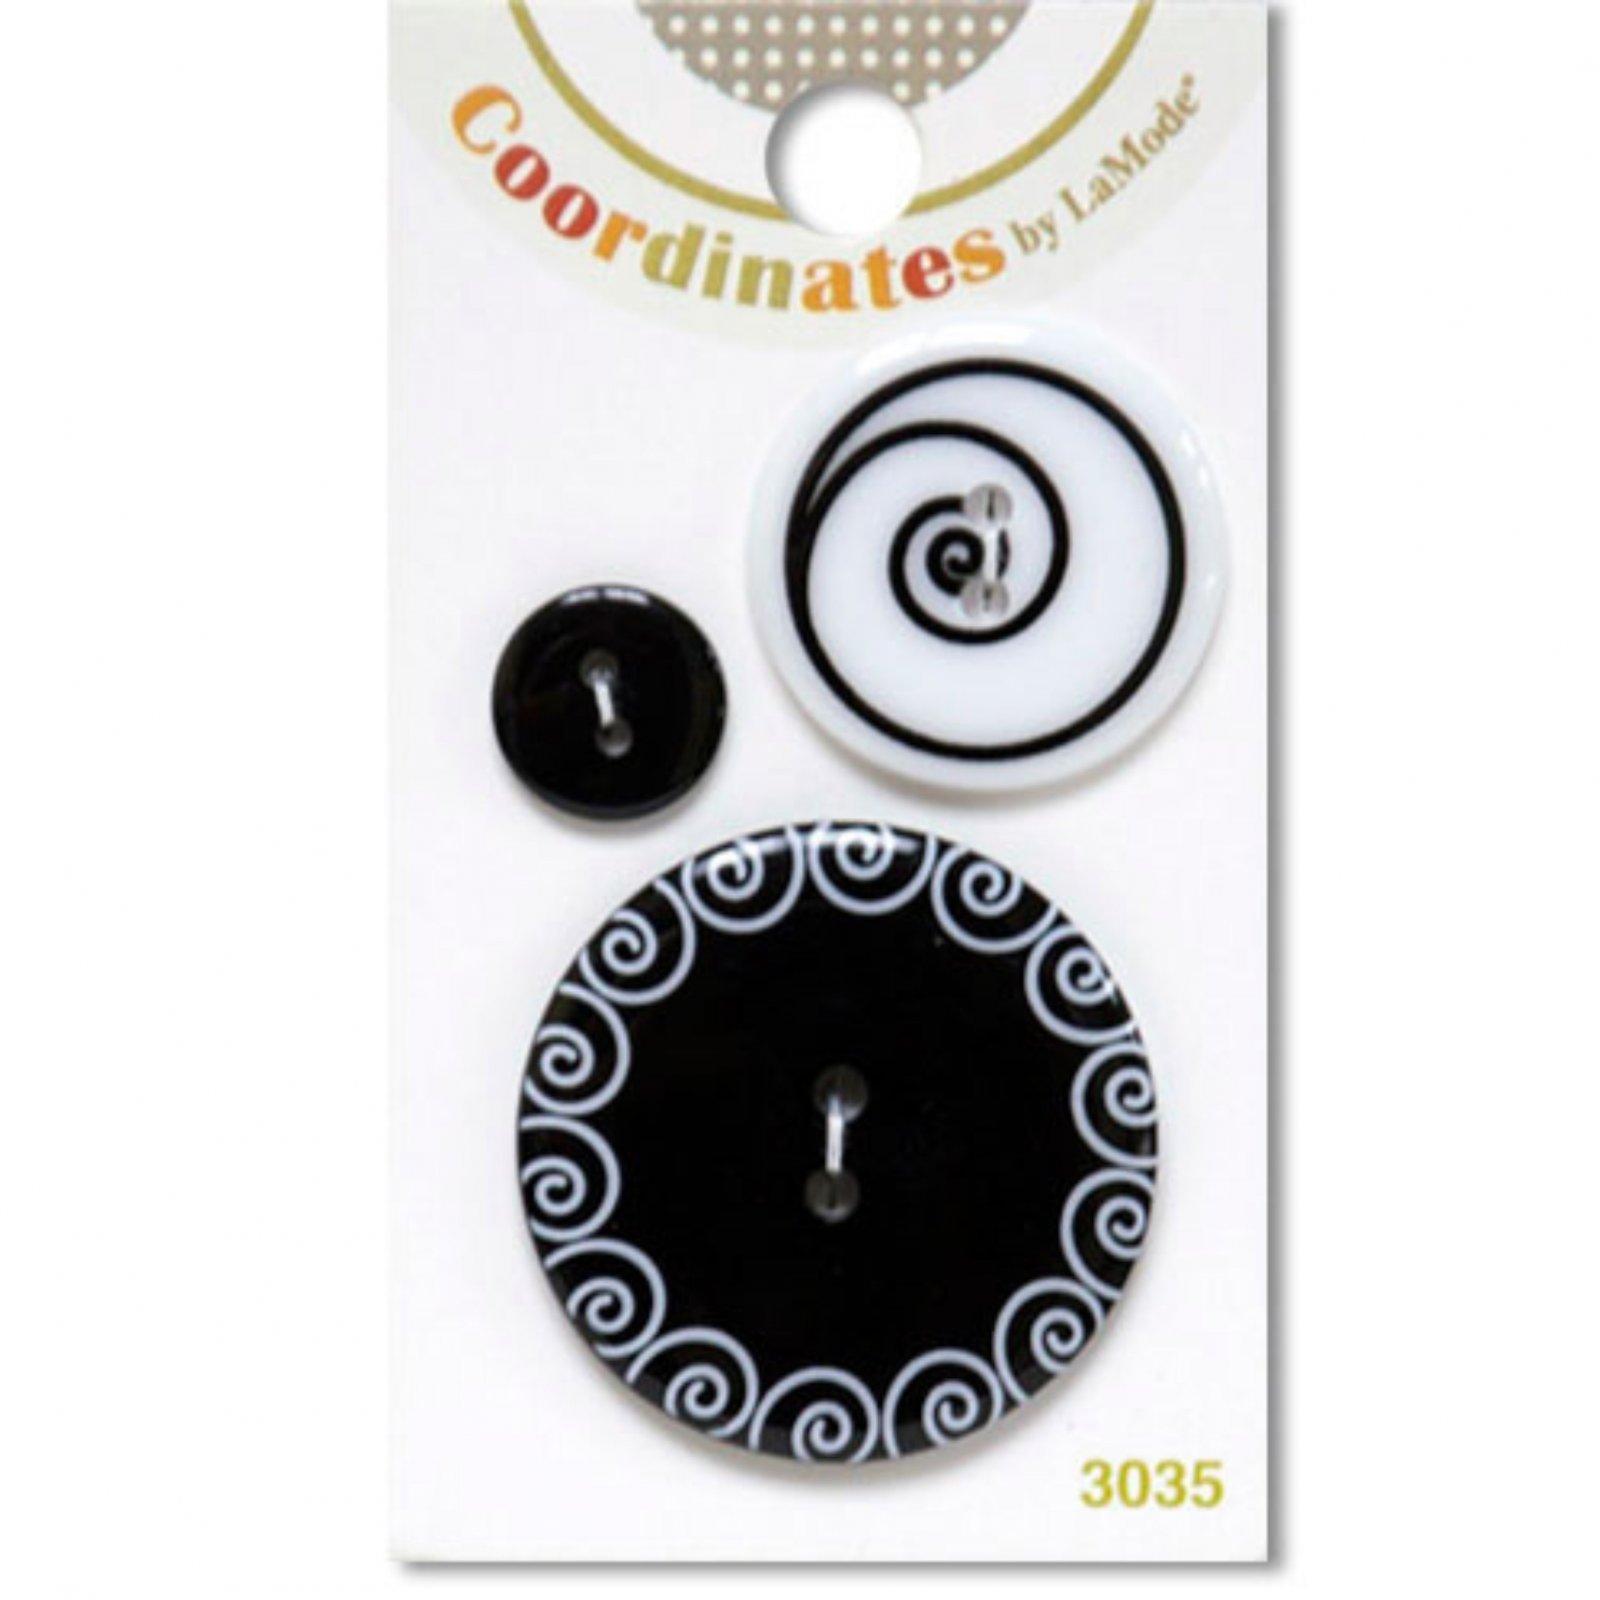 Coordinates by LaMode - Art Nouveau Buttons